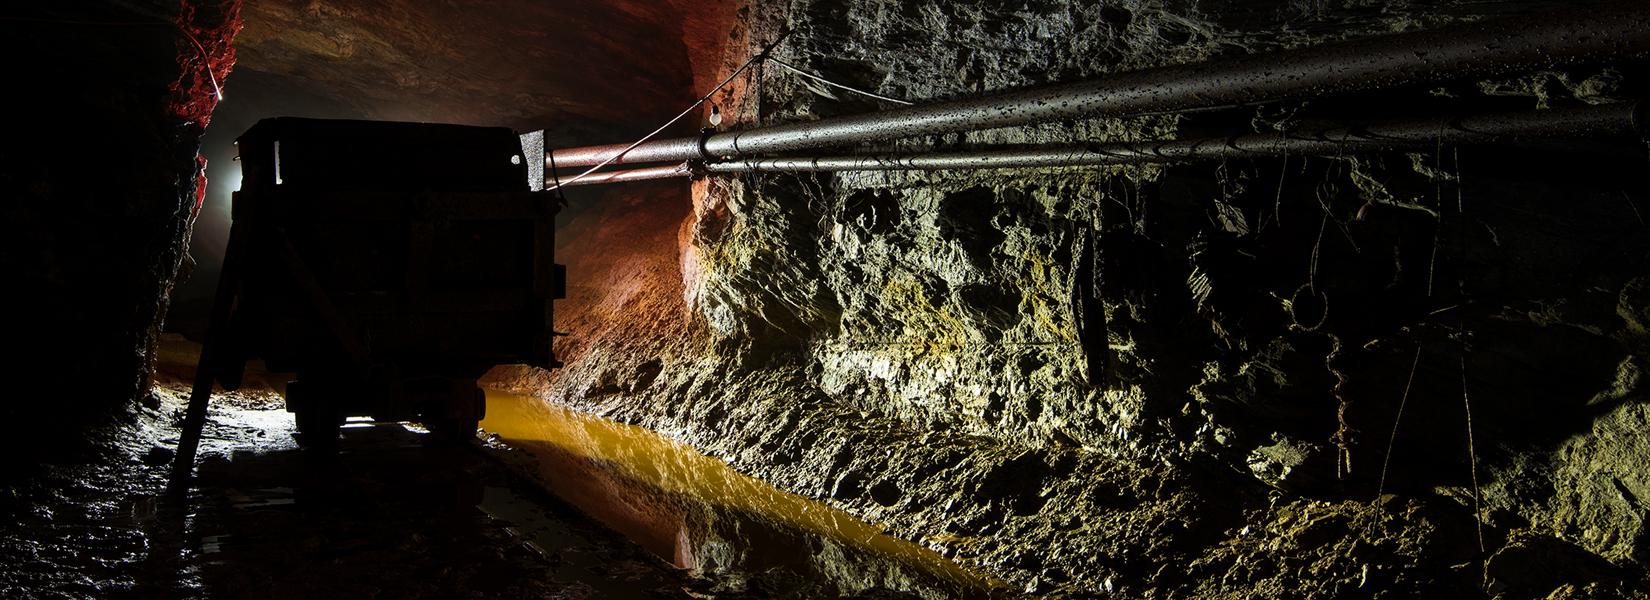 La vieille mine abandonnée